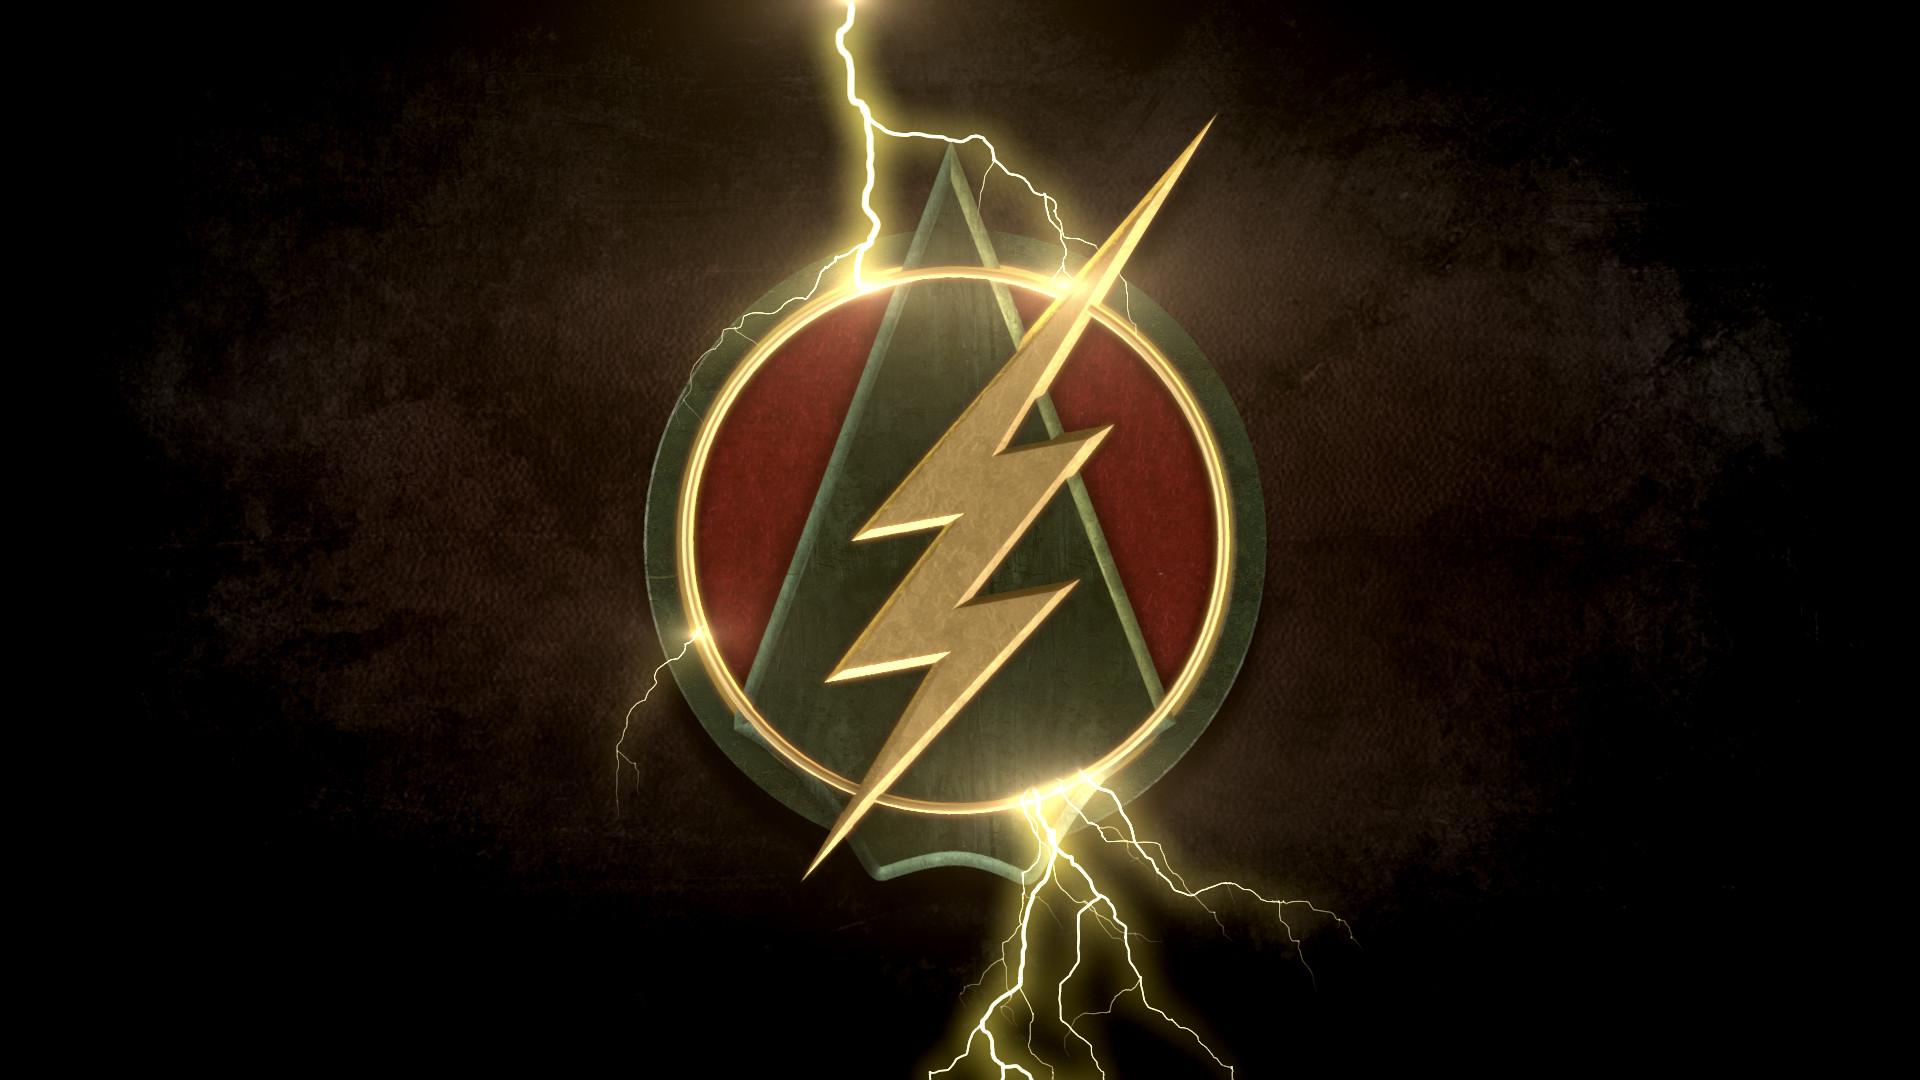 Download Flash vs Arrow HD Desktop Wallpapers. We provide the best .